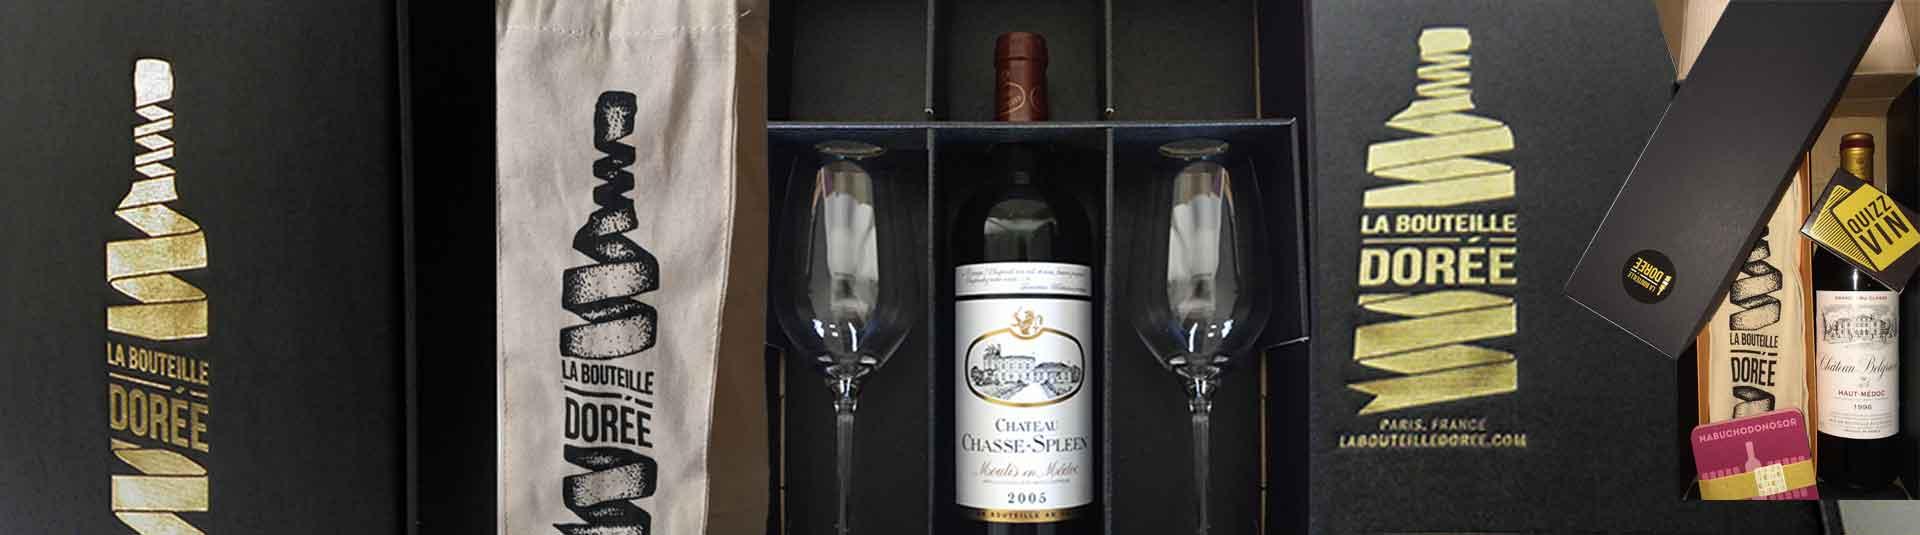 Coffrets cadeaux vins La Bouteille Dorée